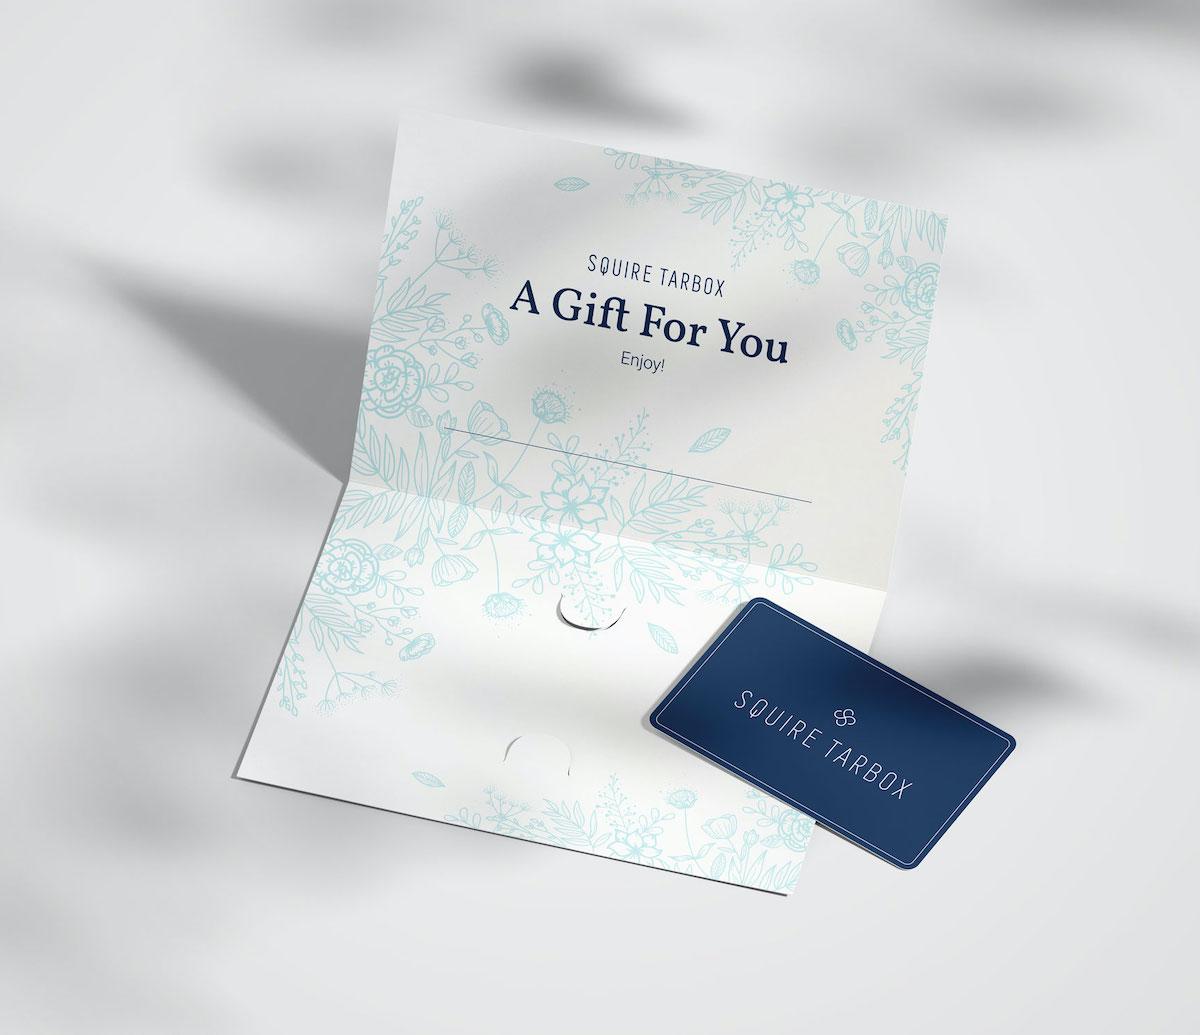 Squire Tarbox Inn gift card